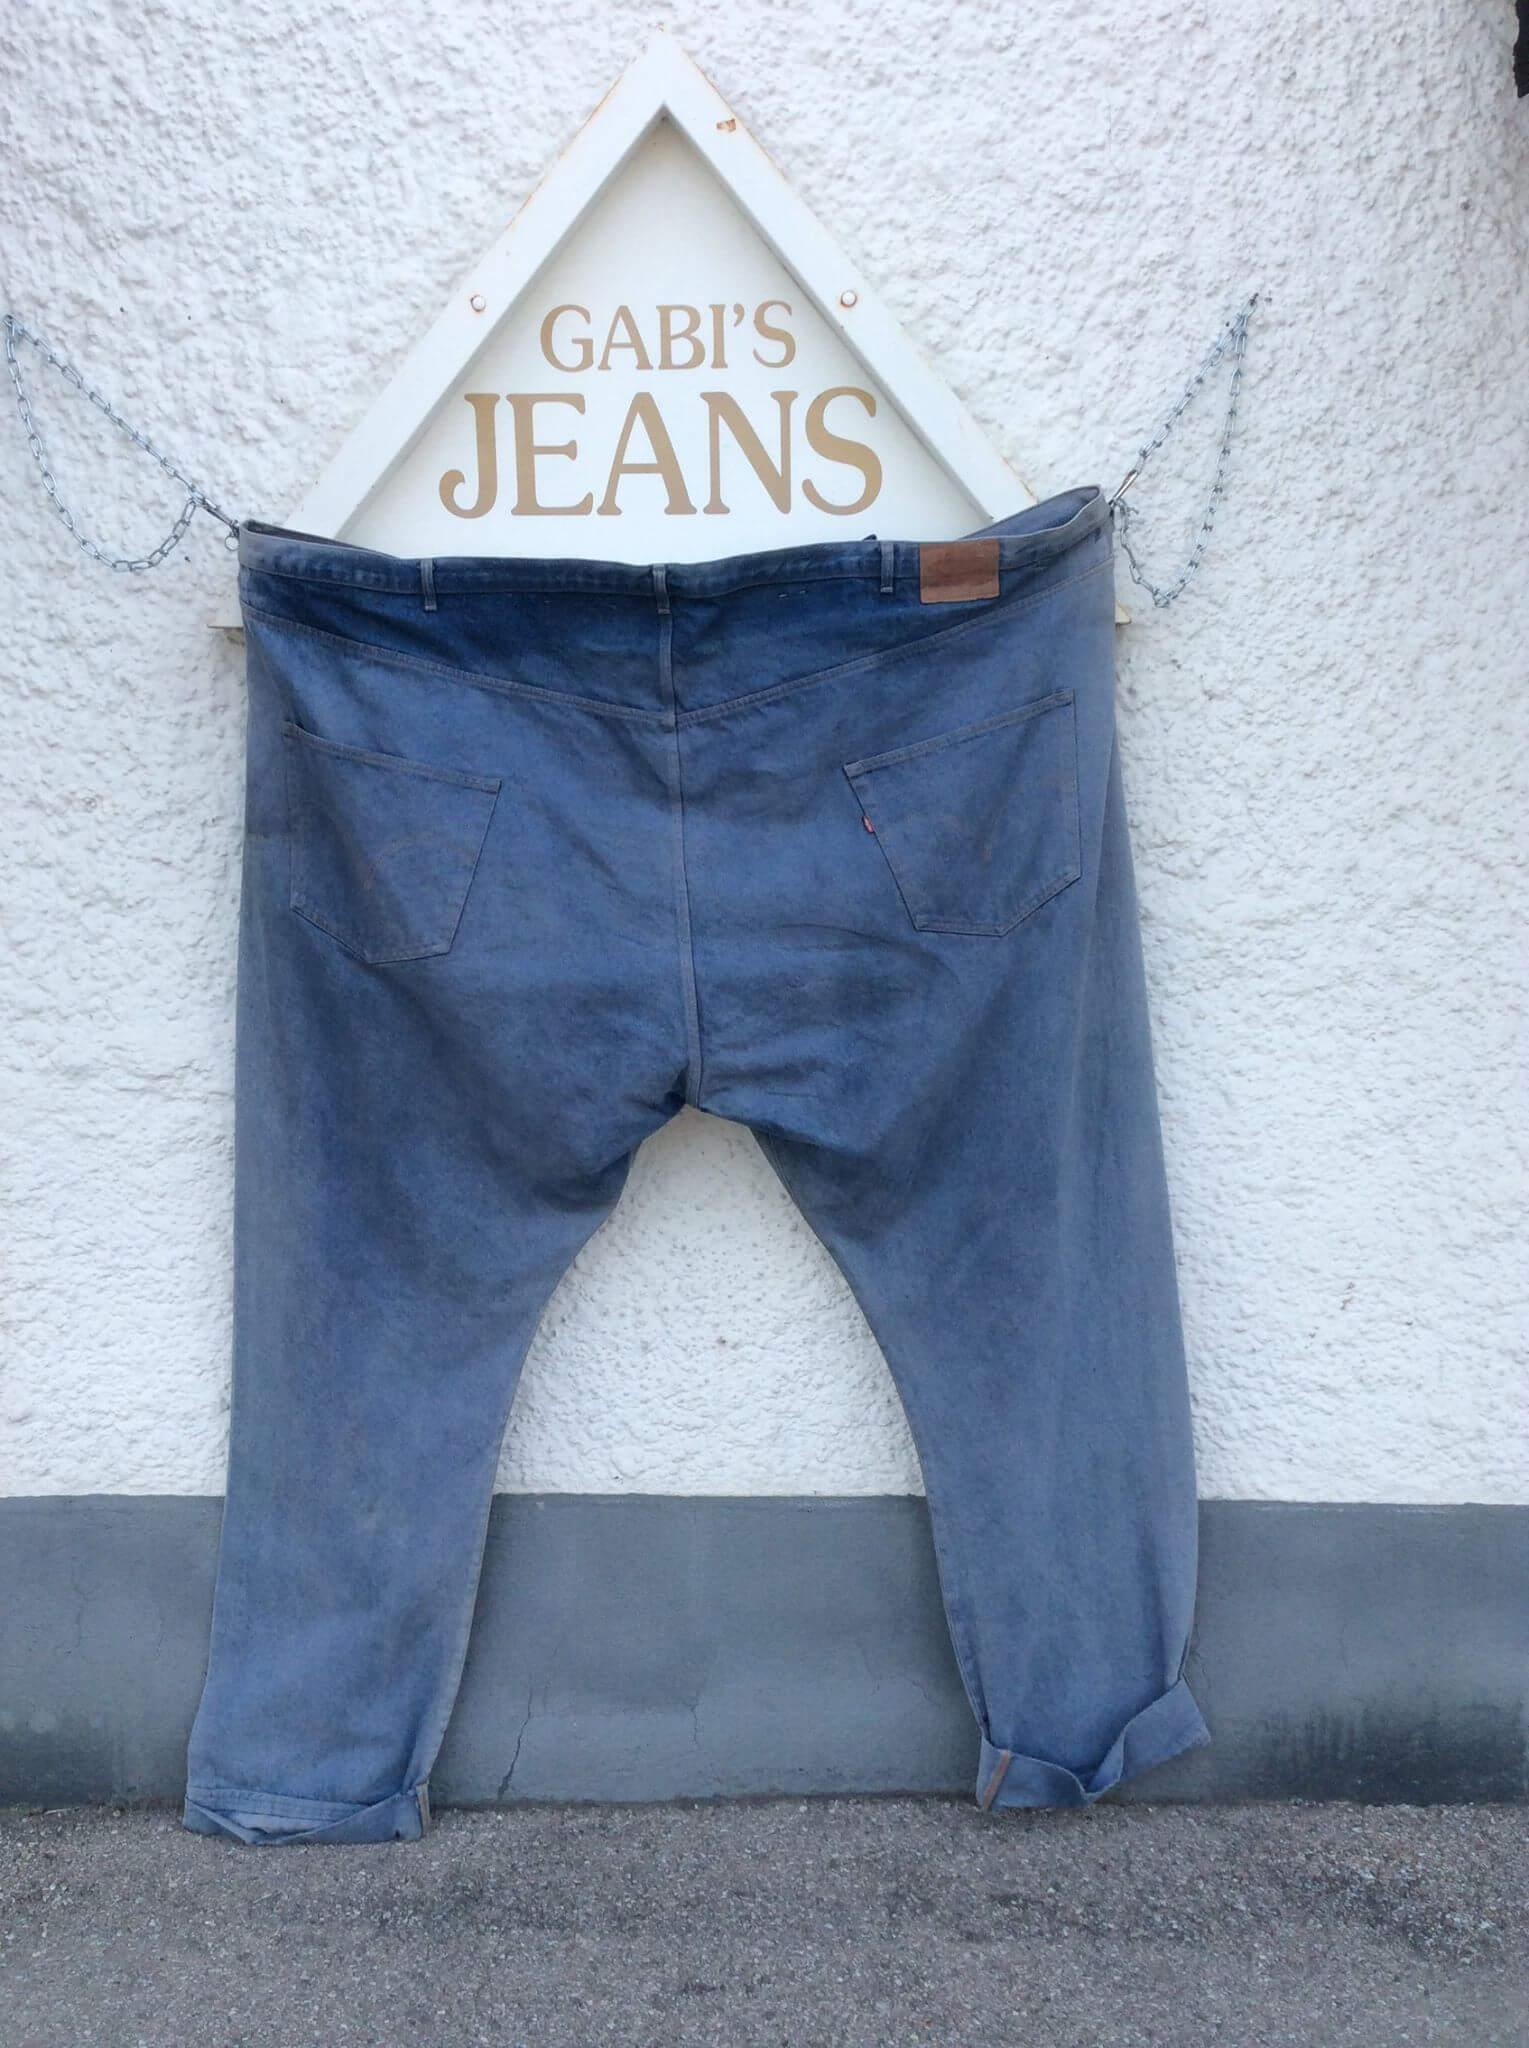 Eine riesige Jeans